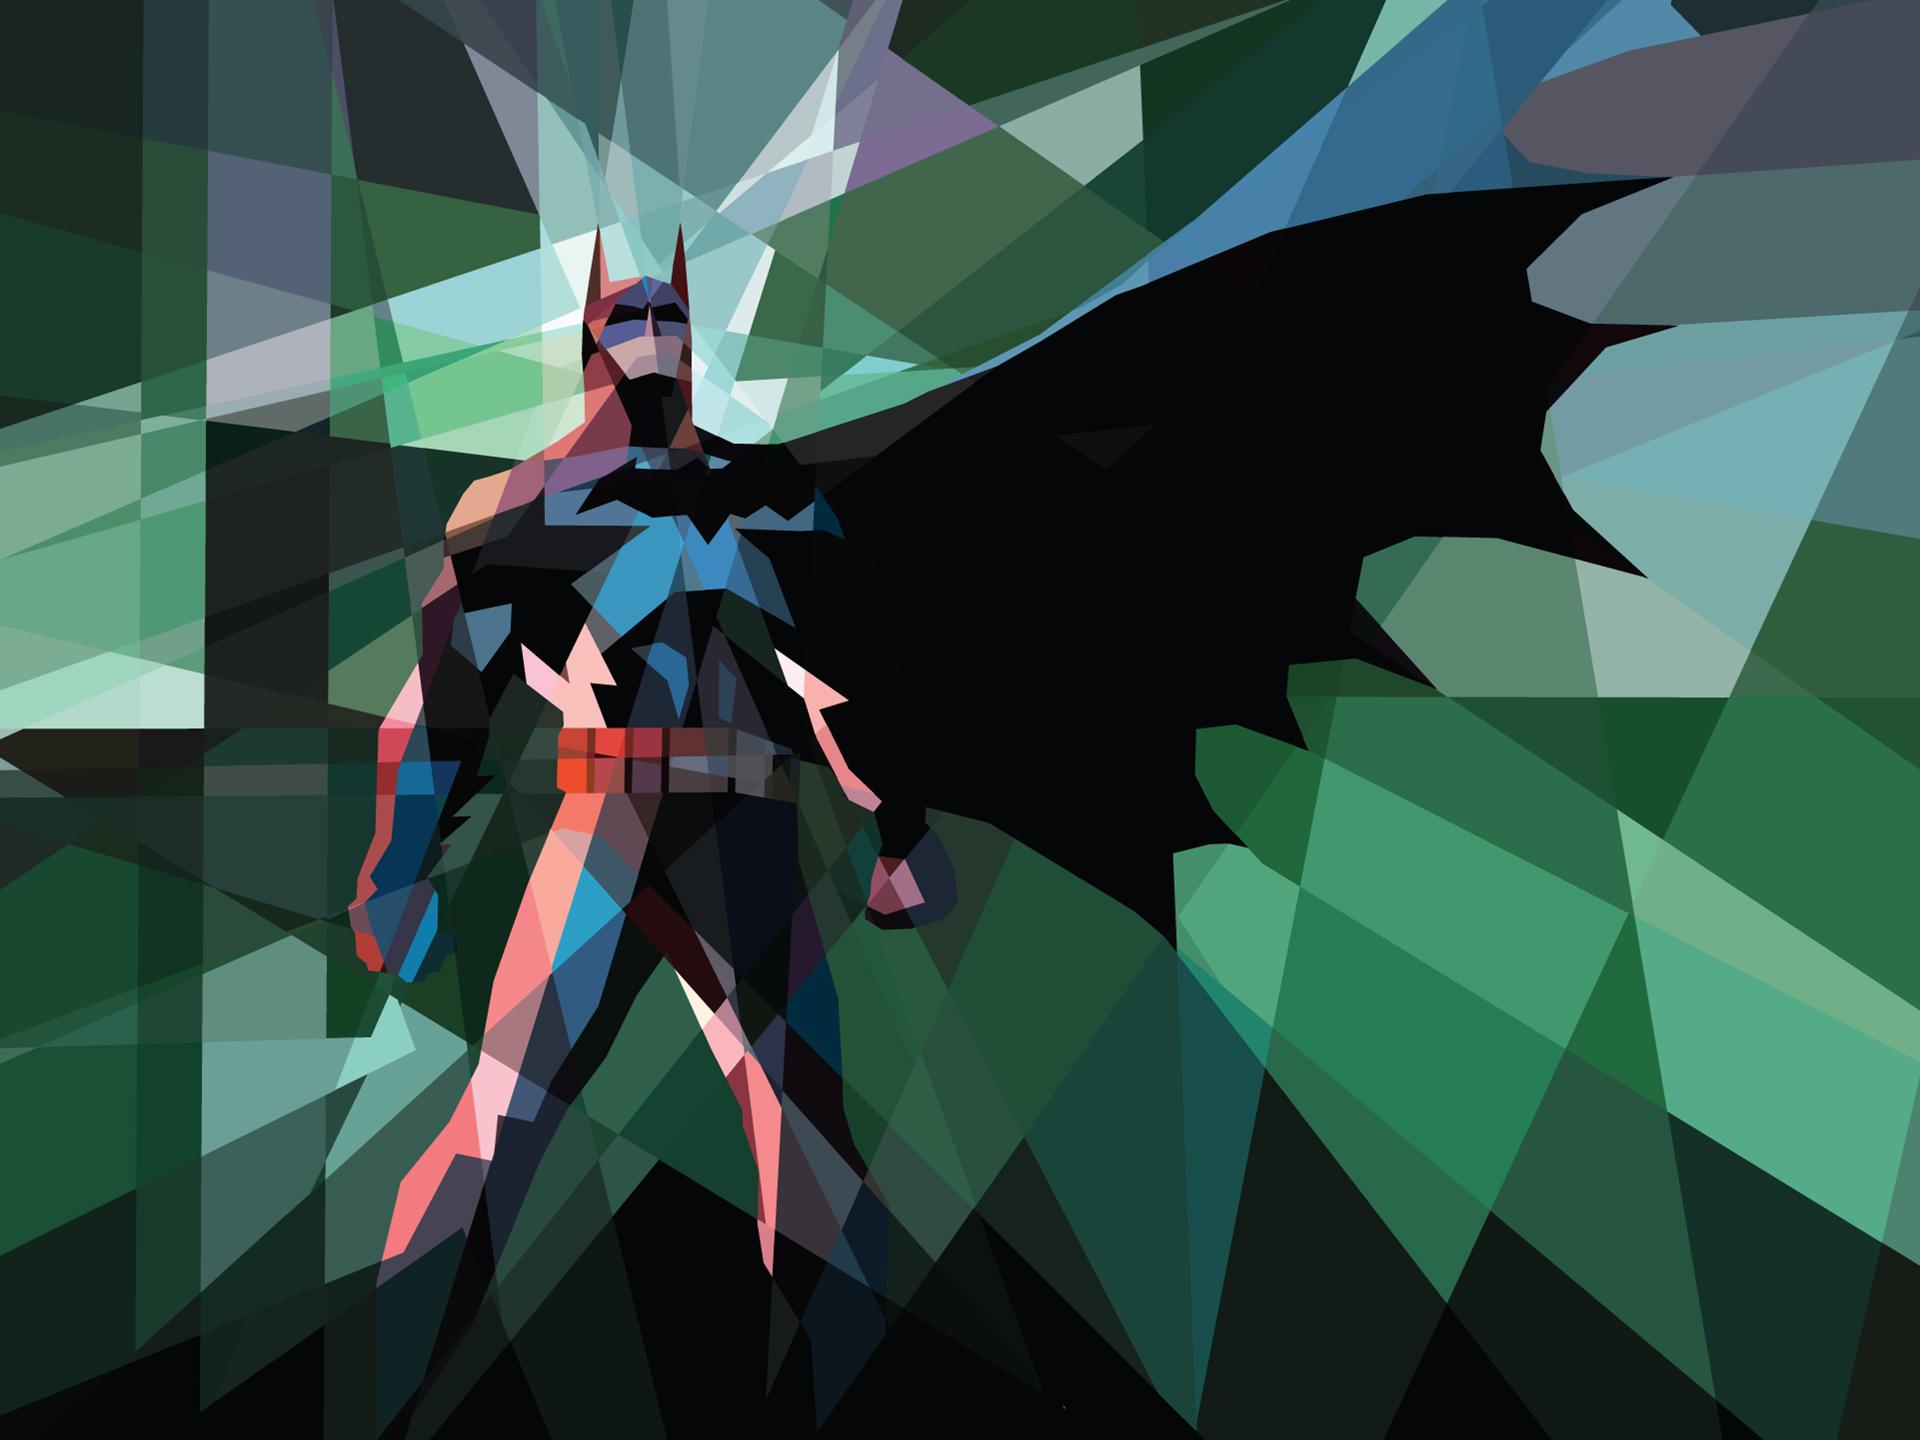 Batman Polygon Art wallpaper 1920x1440 50517 WallpaperUP 1920x1440